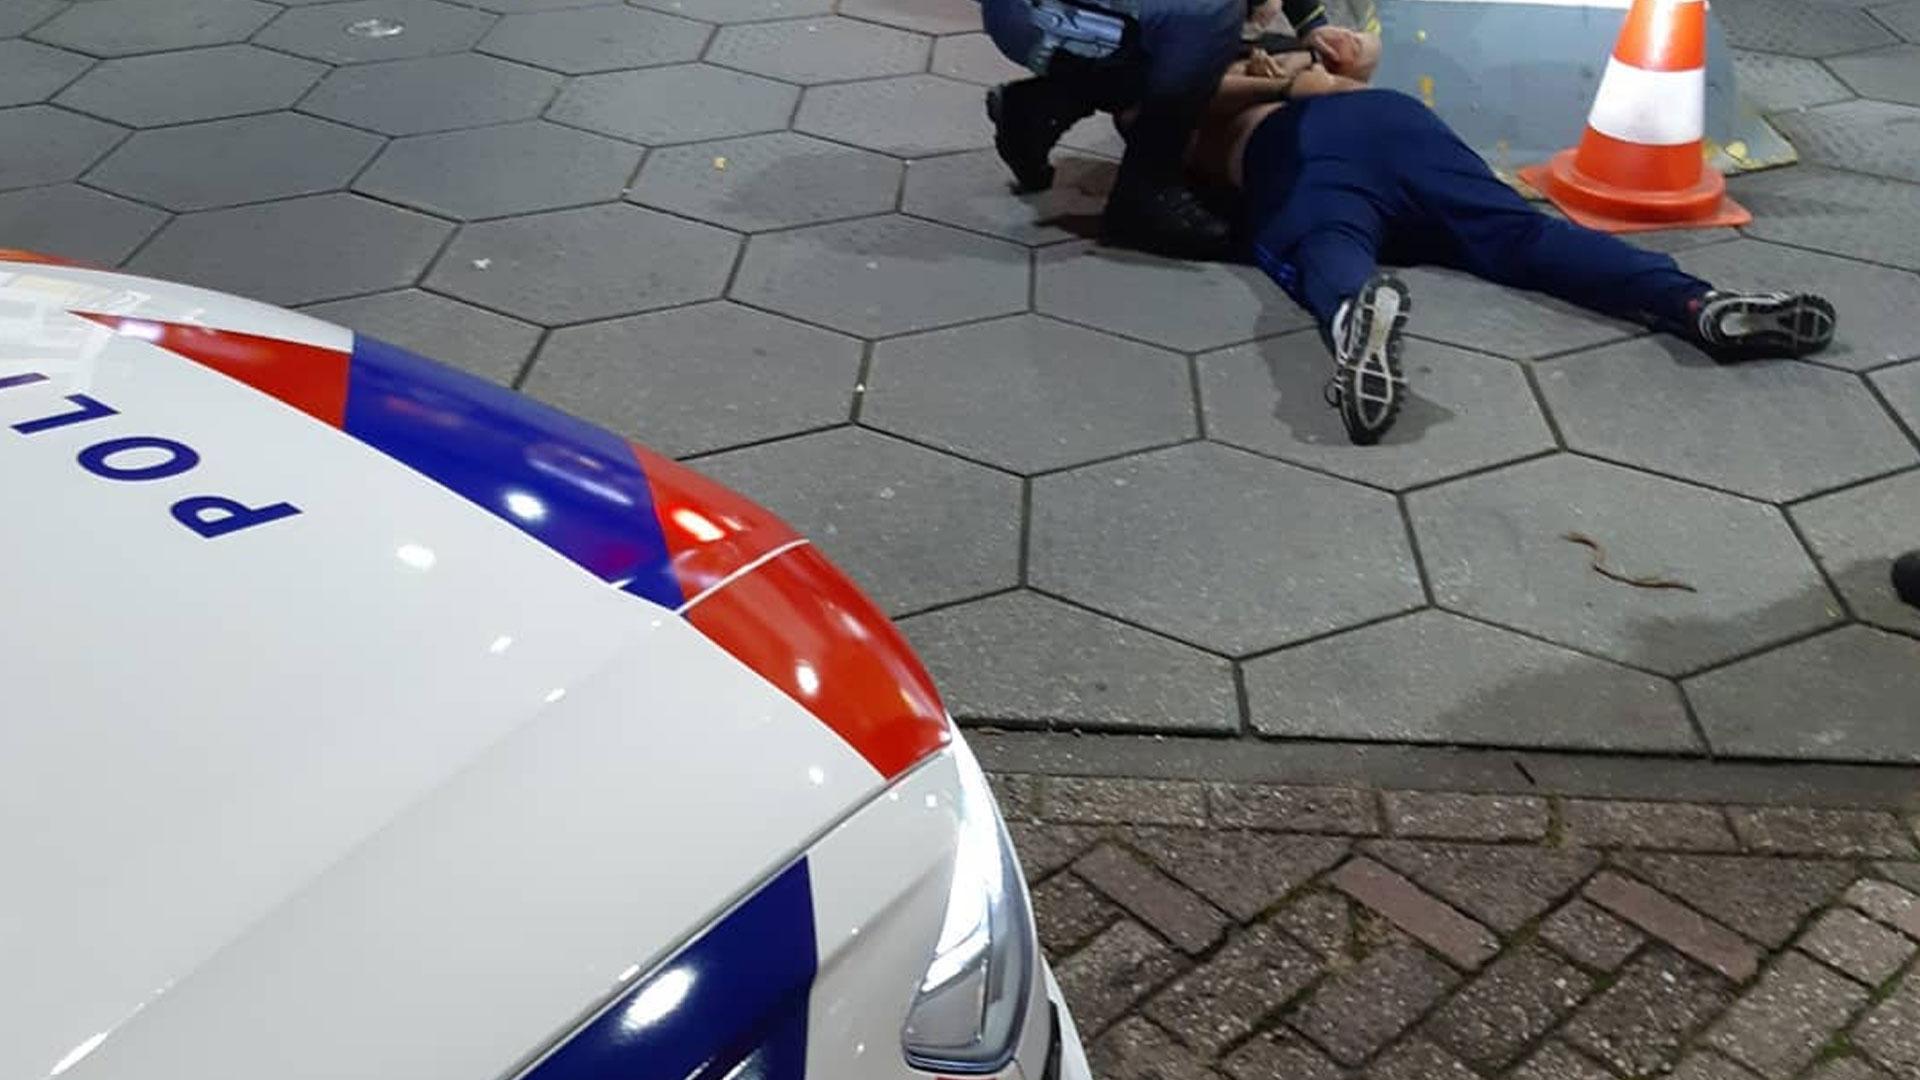 Aanhouding politie